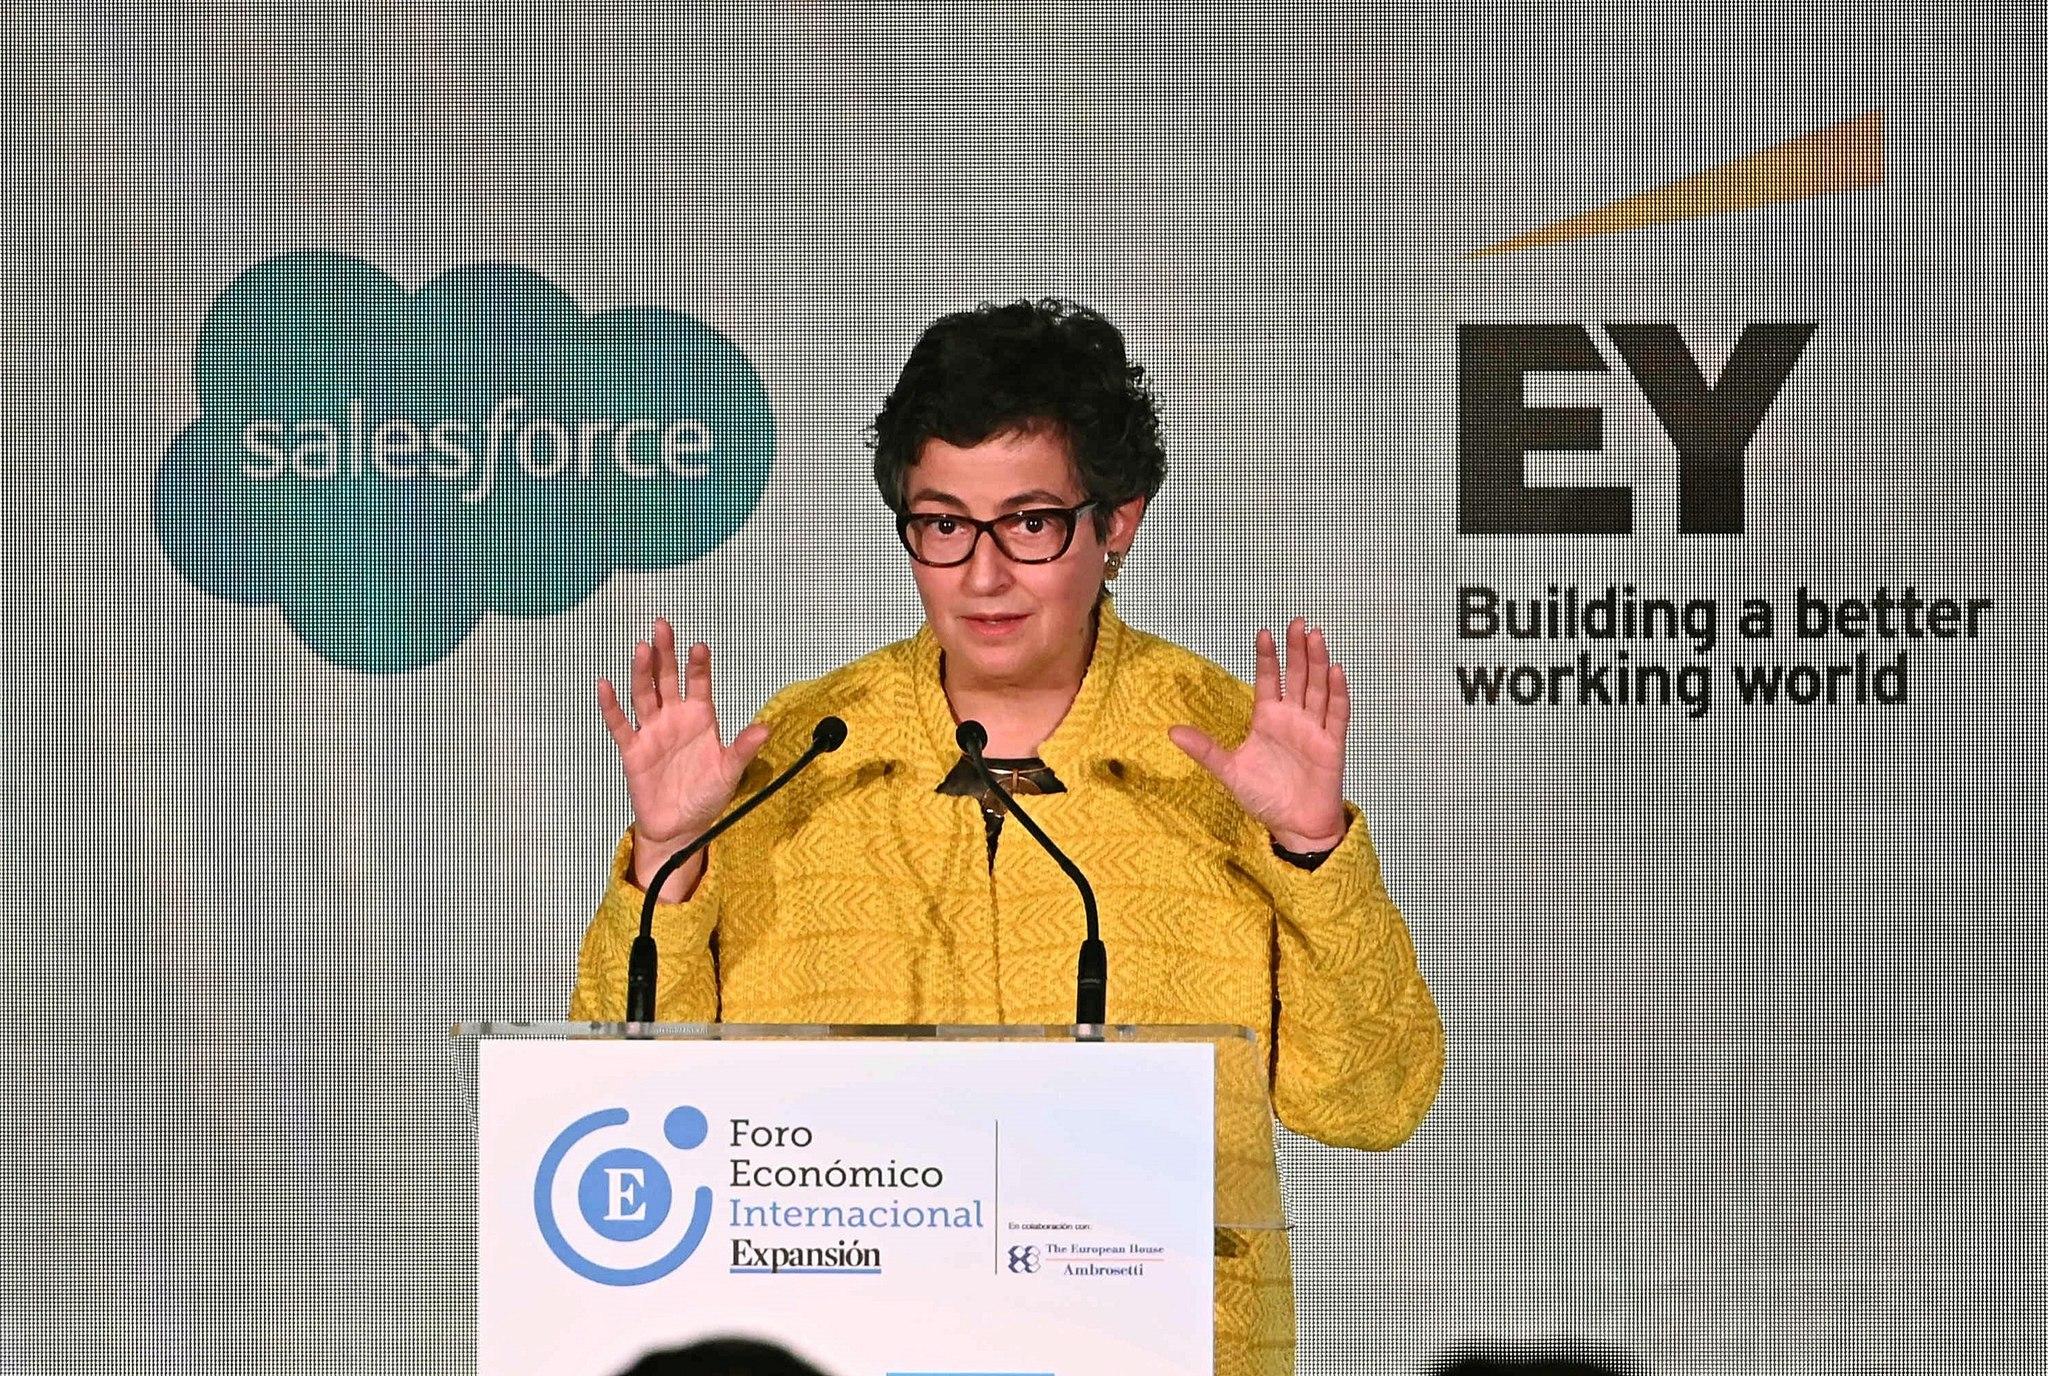 La ministra de Asuntos Exteriores, Unión Europea y Cooperación, Arancha González Laya, durante su intervención en el Foro Económico Internacional EXPANSIÓN.